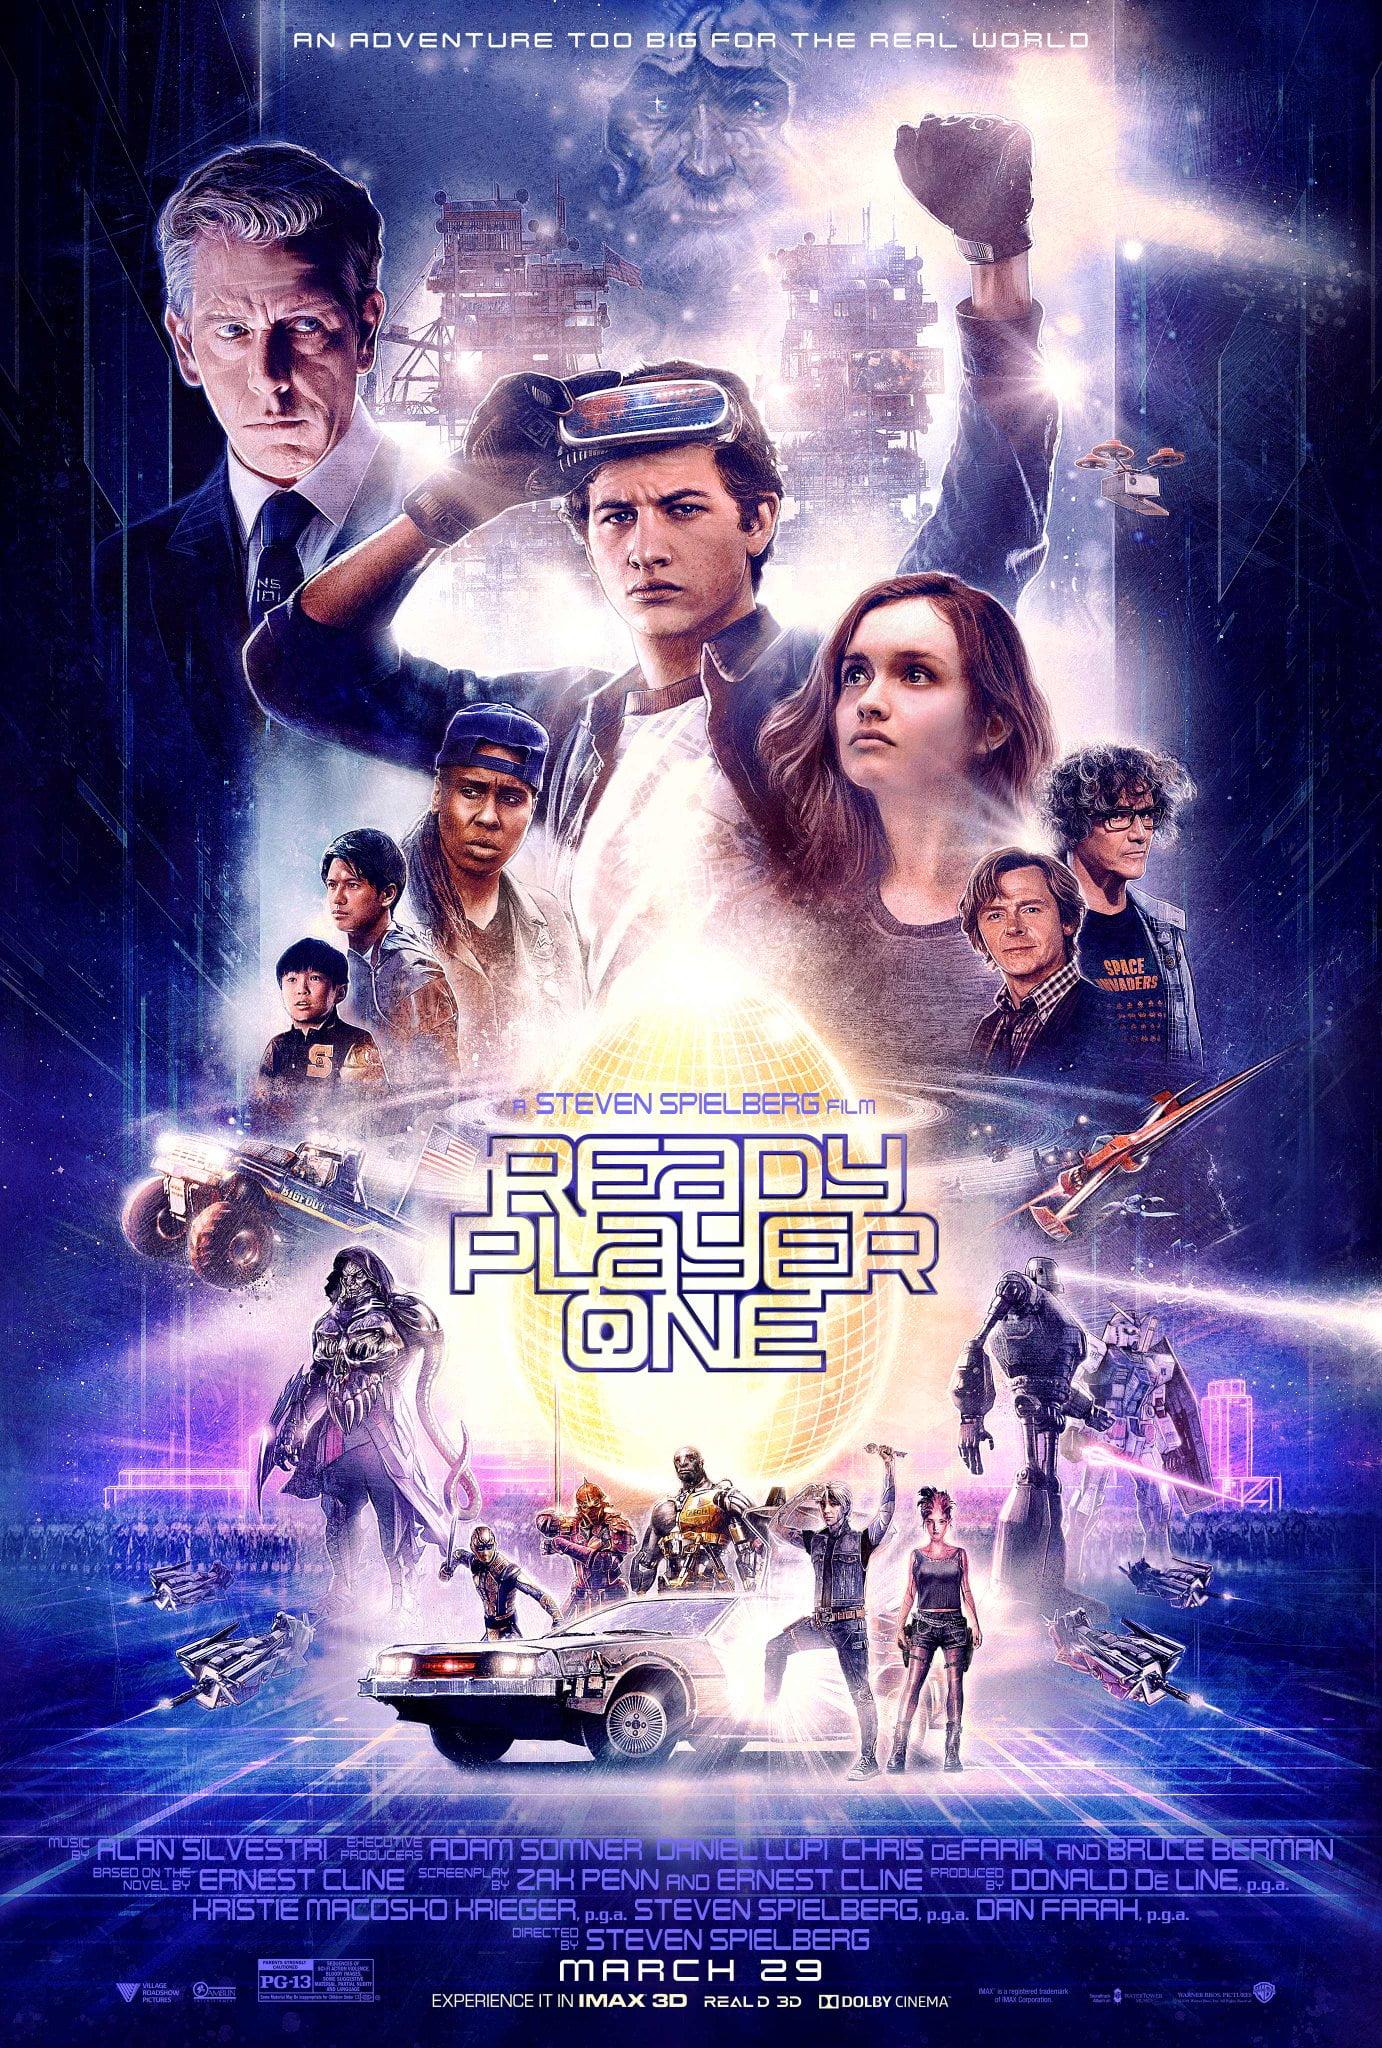 Resultado de imagen de ready player one movie poster